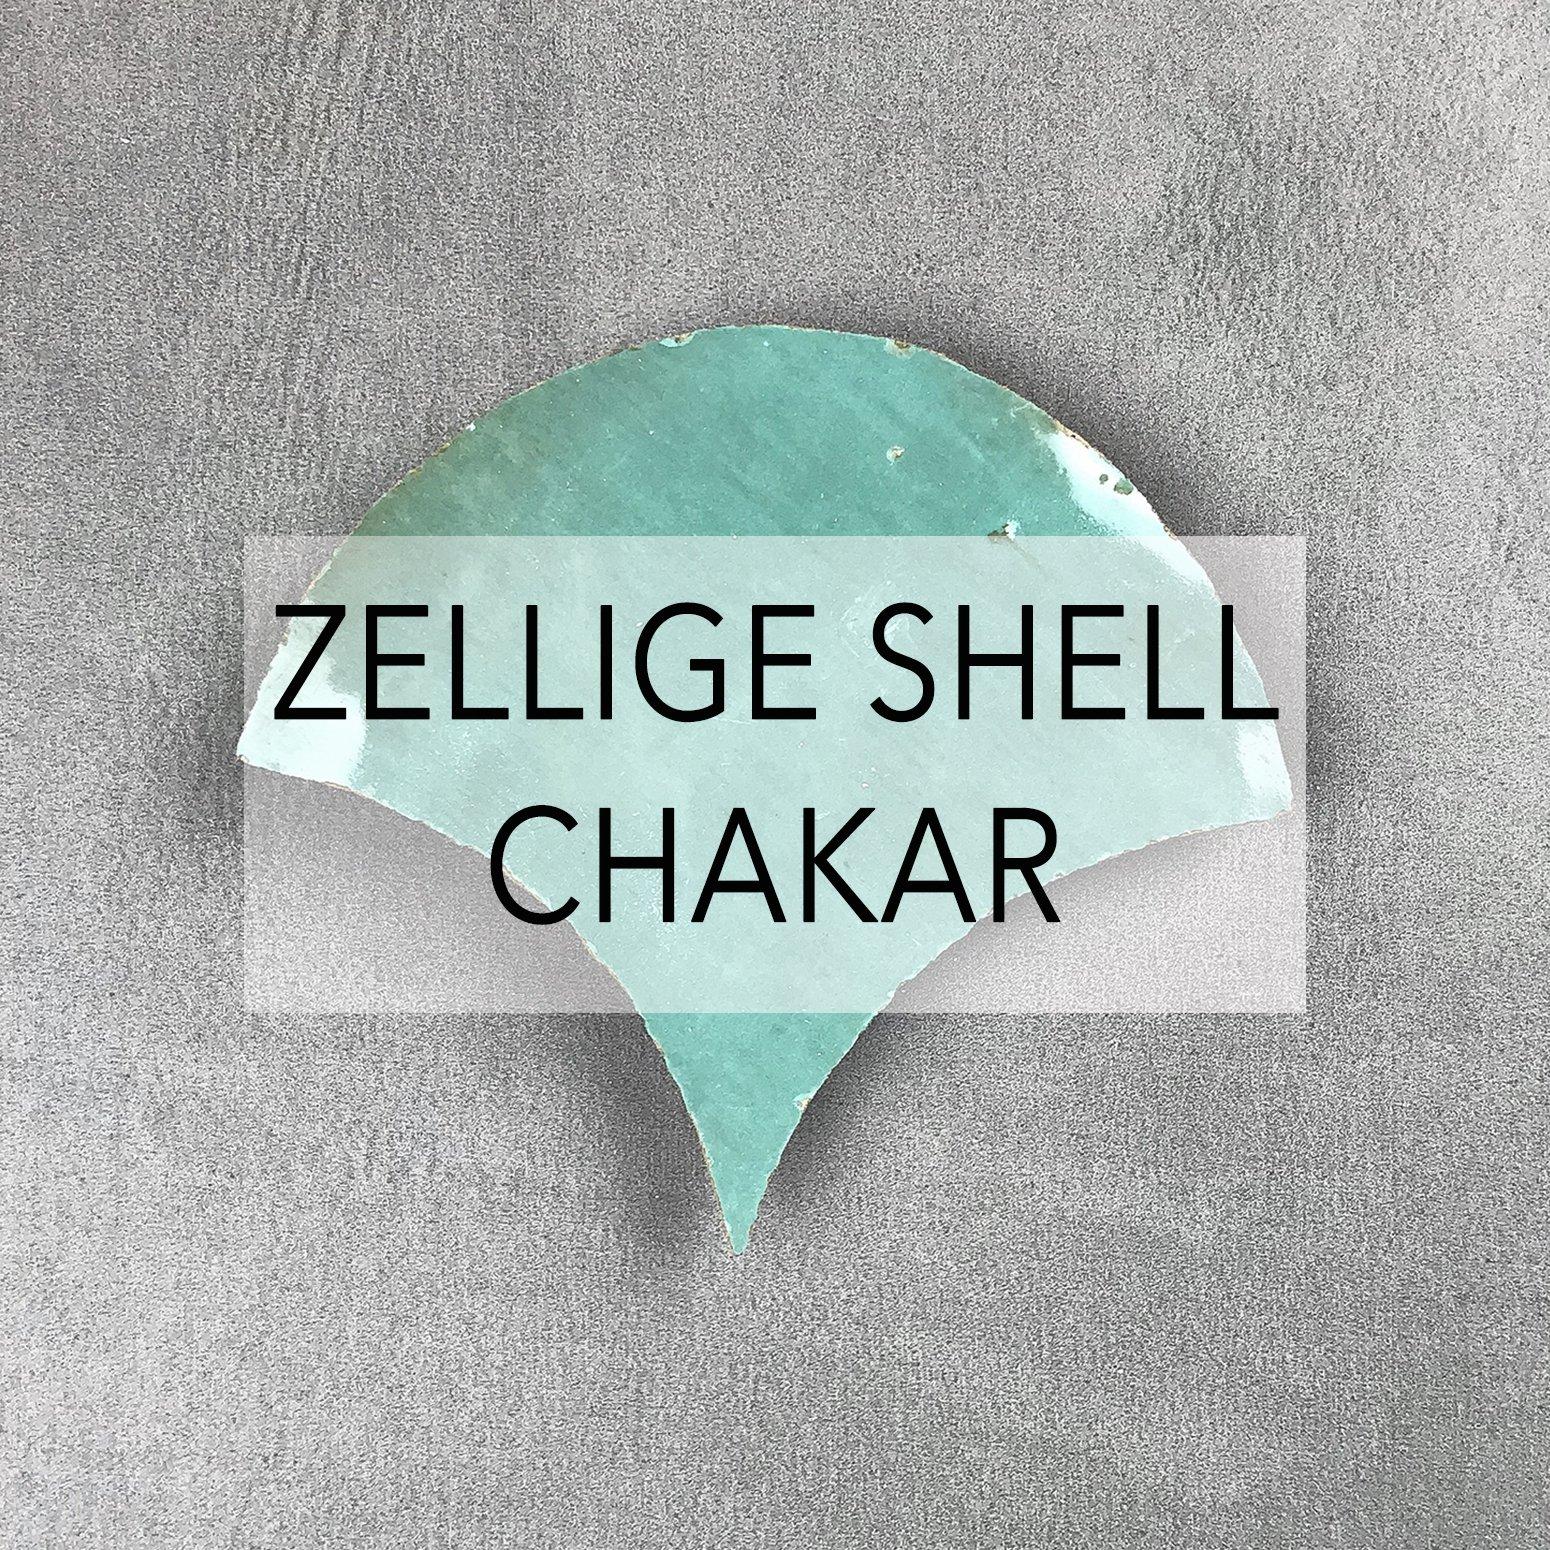 Zellige Shell Chakar